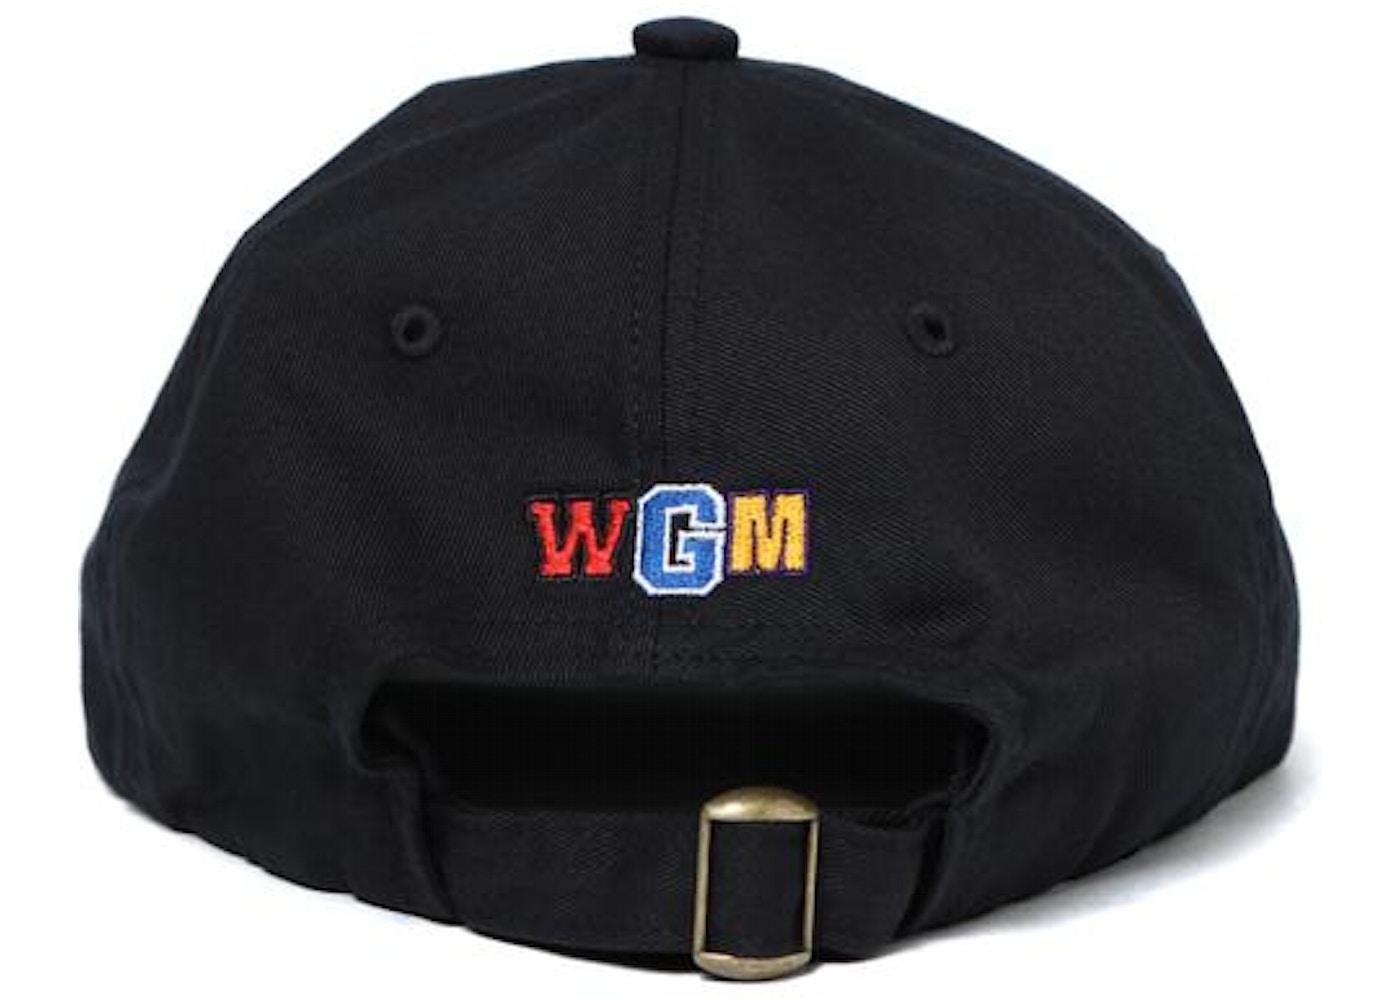 6a8354c13f7 Bape Headwear - Buy   Sell Streetwear